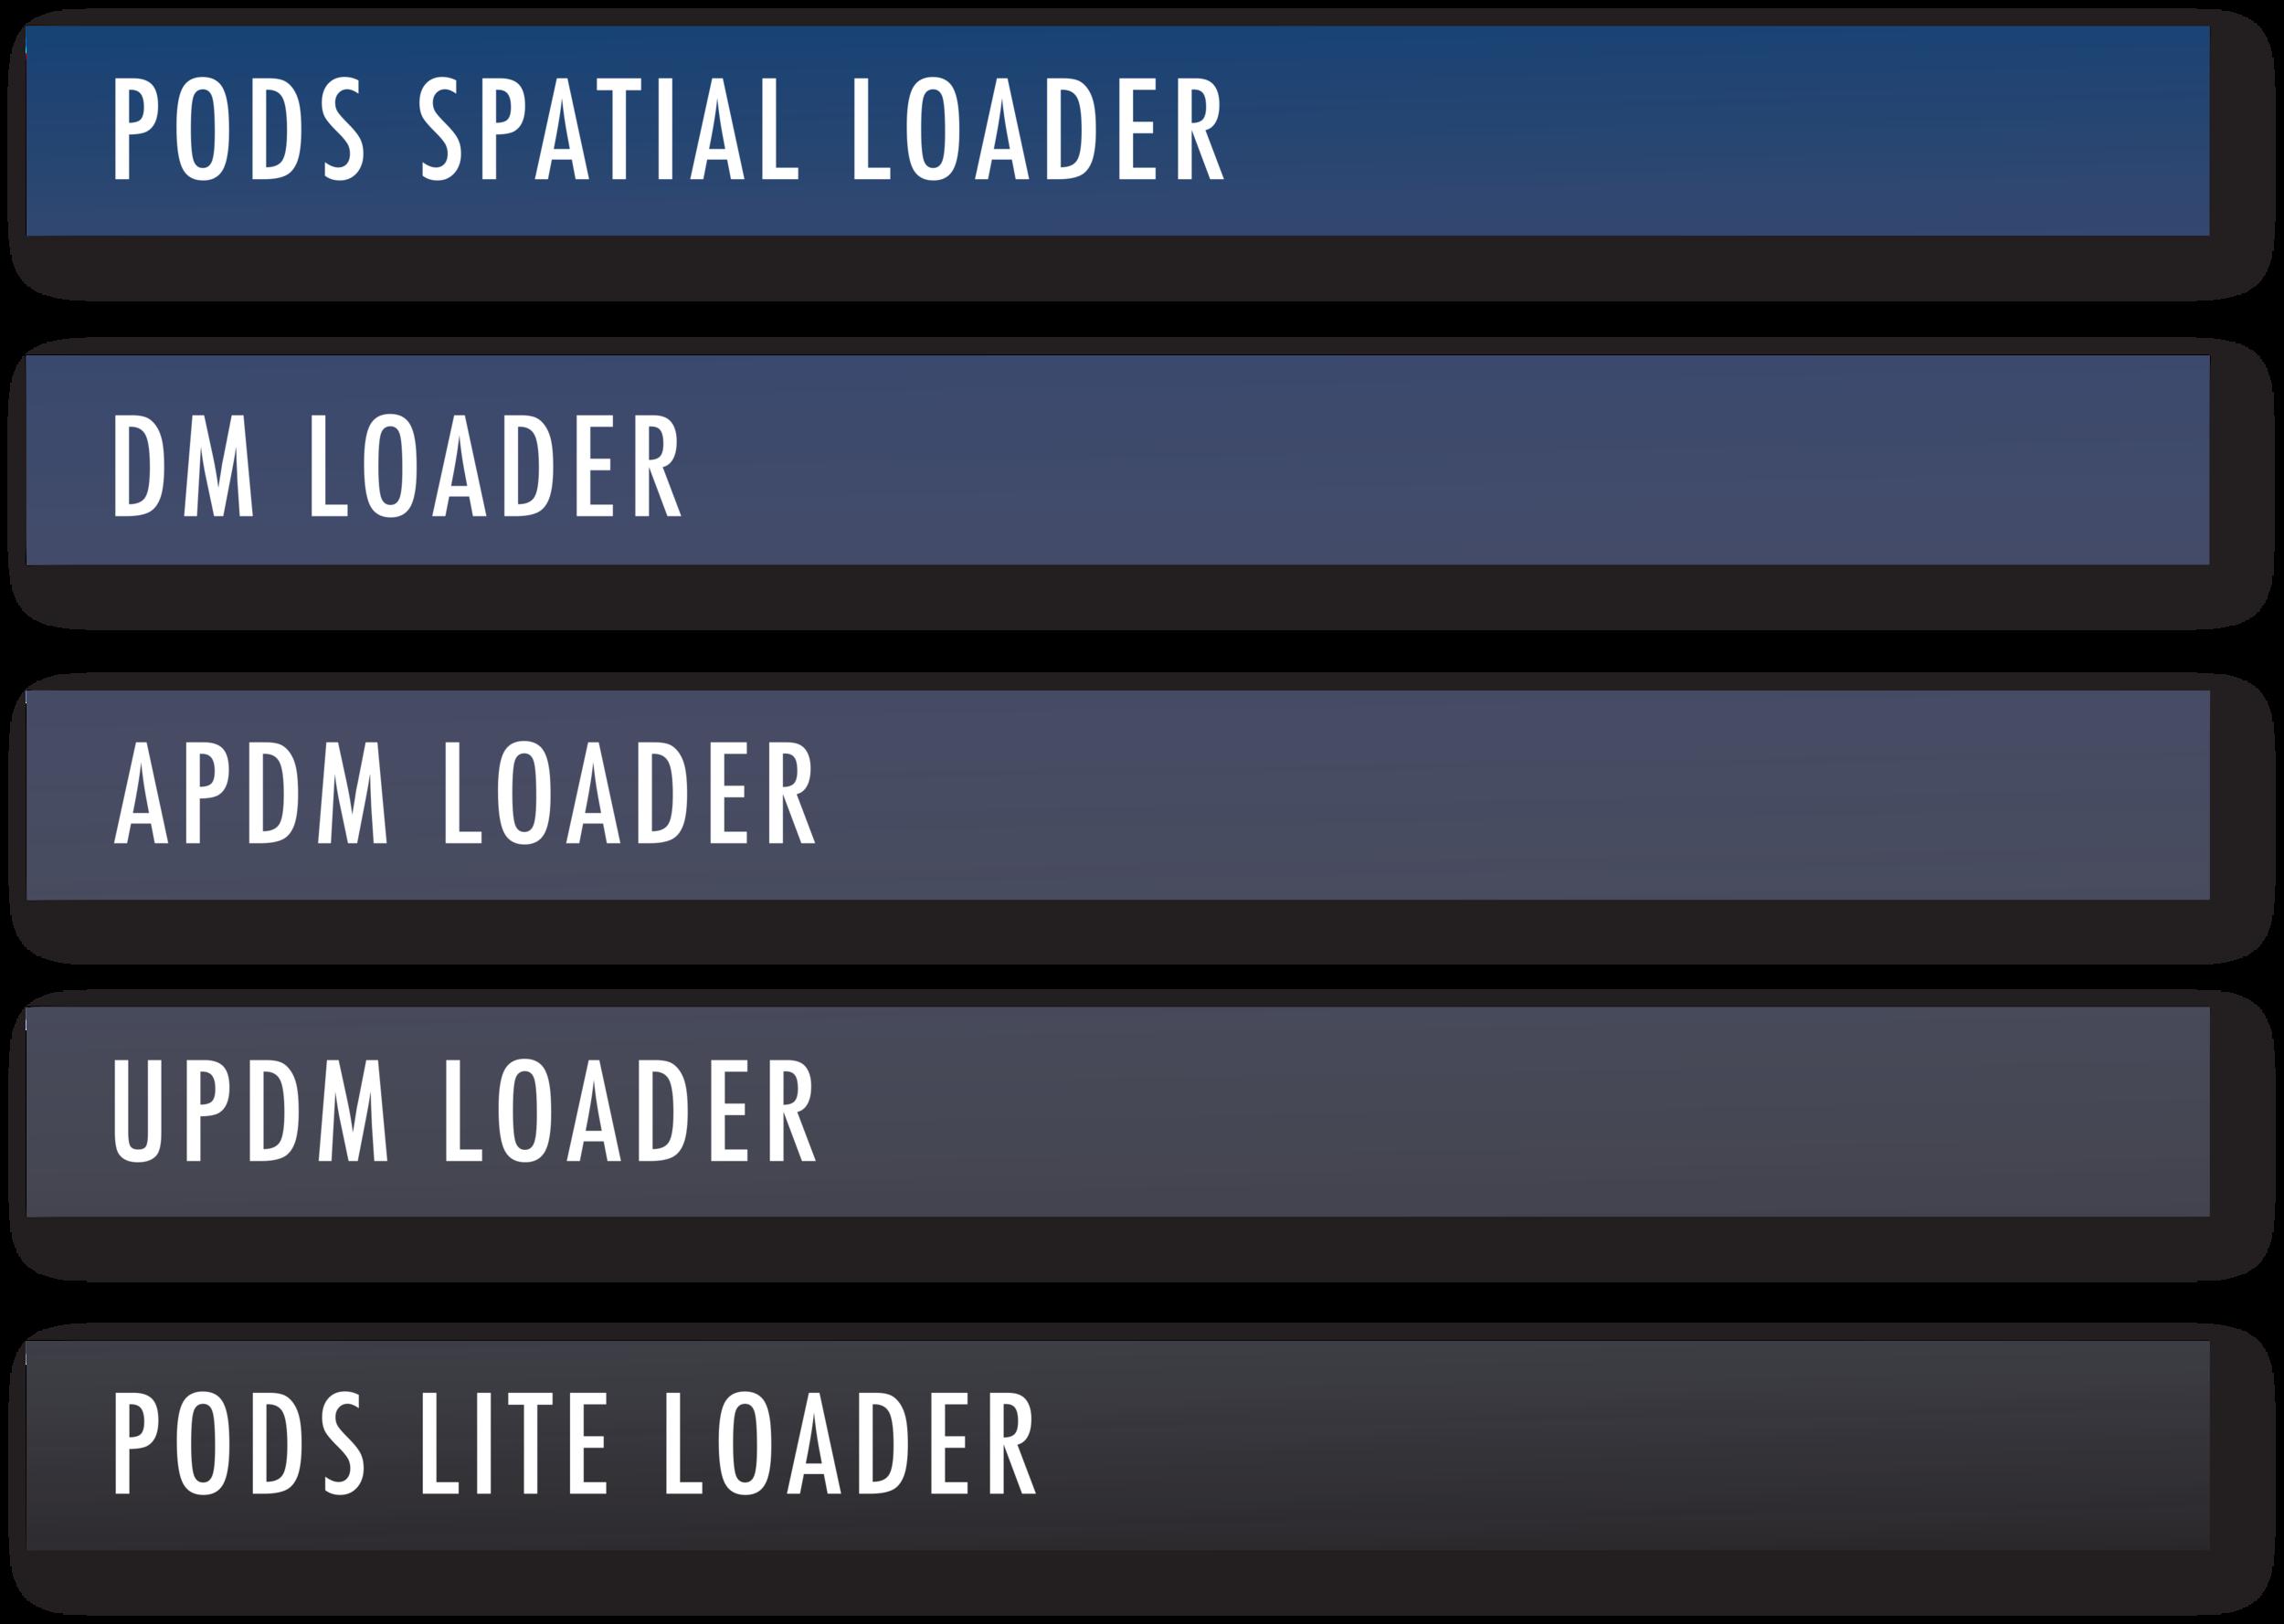 data model loader pods updm apdm spatial pipeline standards